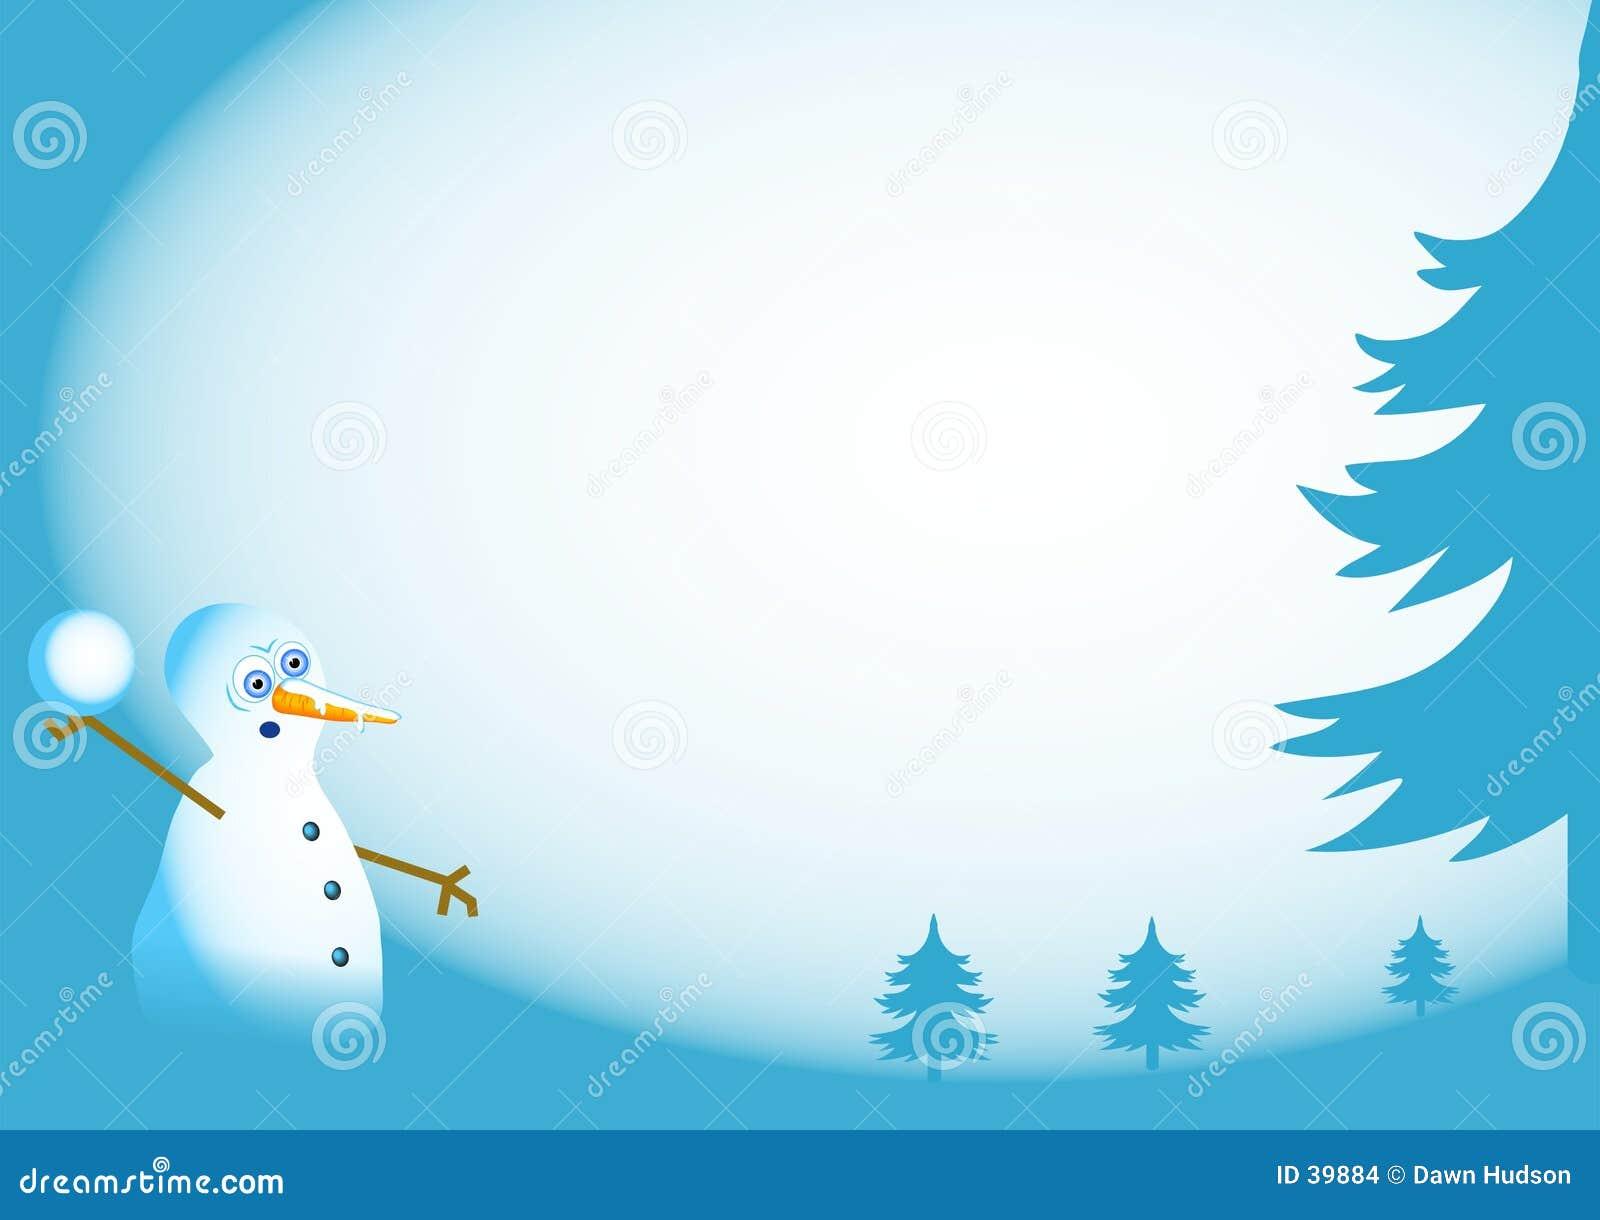 Download Fondo del muñeco de nieve stock de ilustración. Ilustración de cartel - 39884